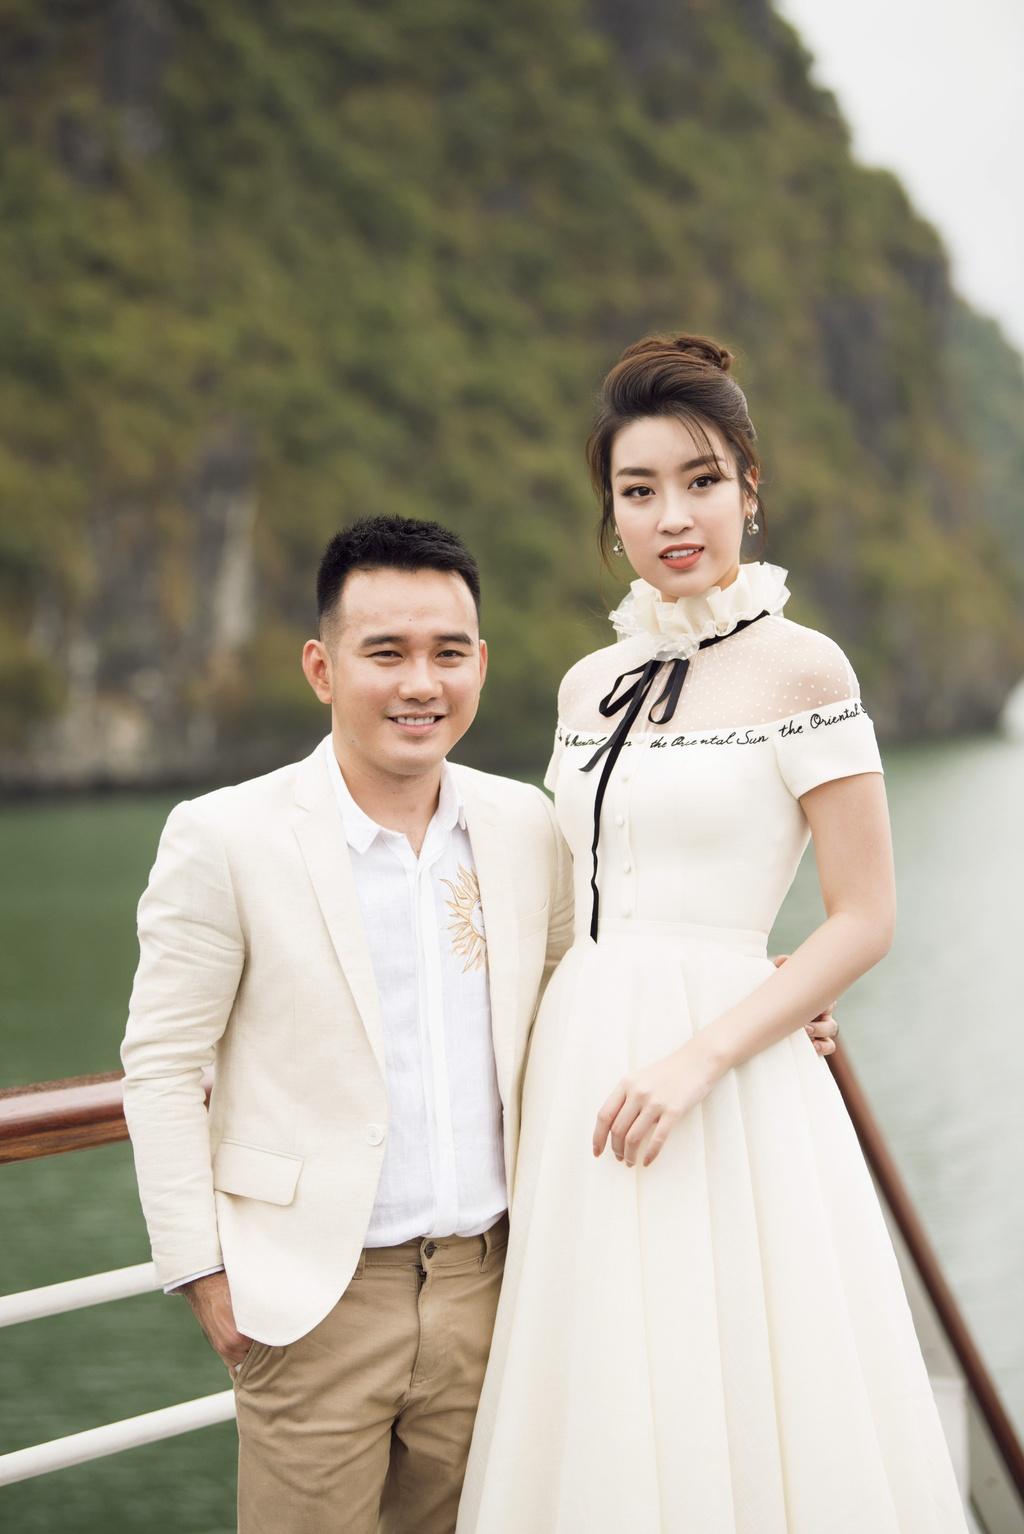 Nha Phuong cung dan sao nu xuat hien xinh xan tai show thoi trang hinh anh 5